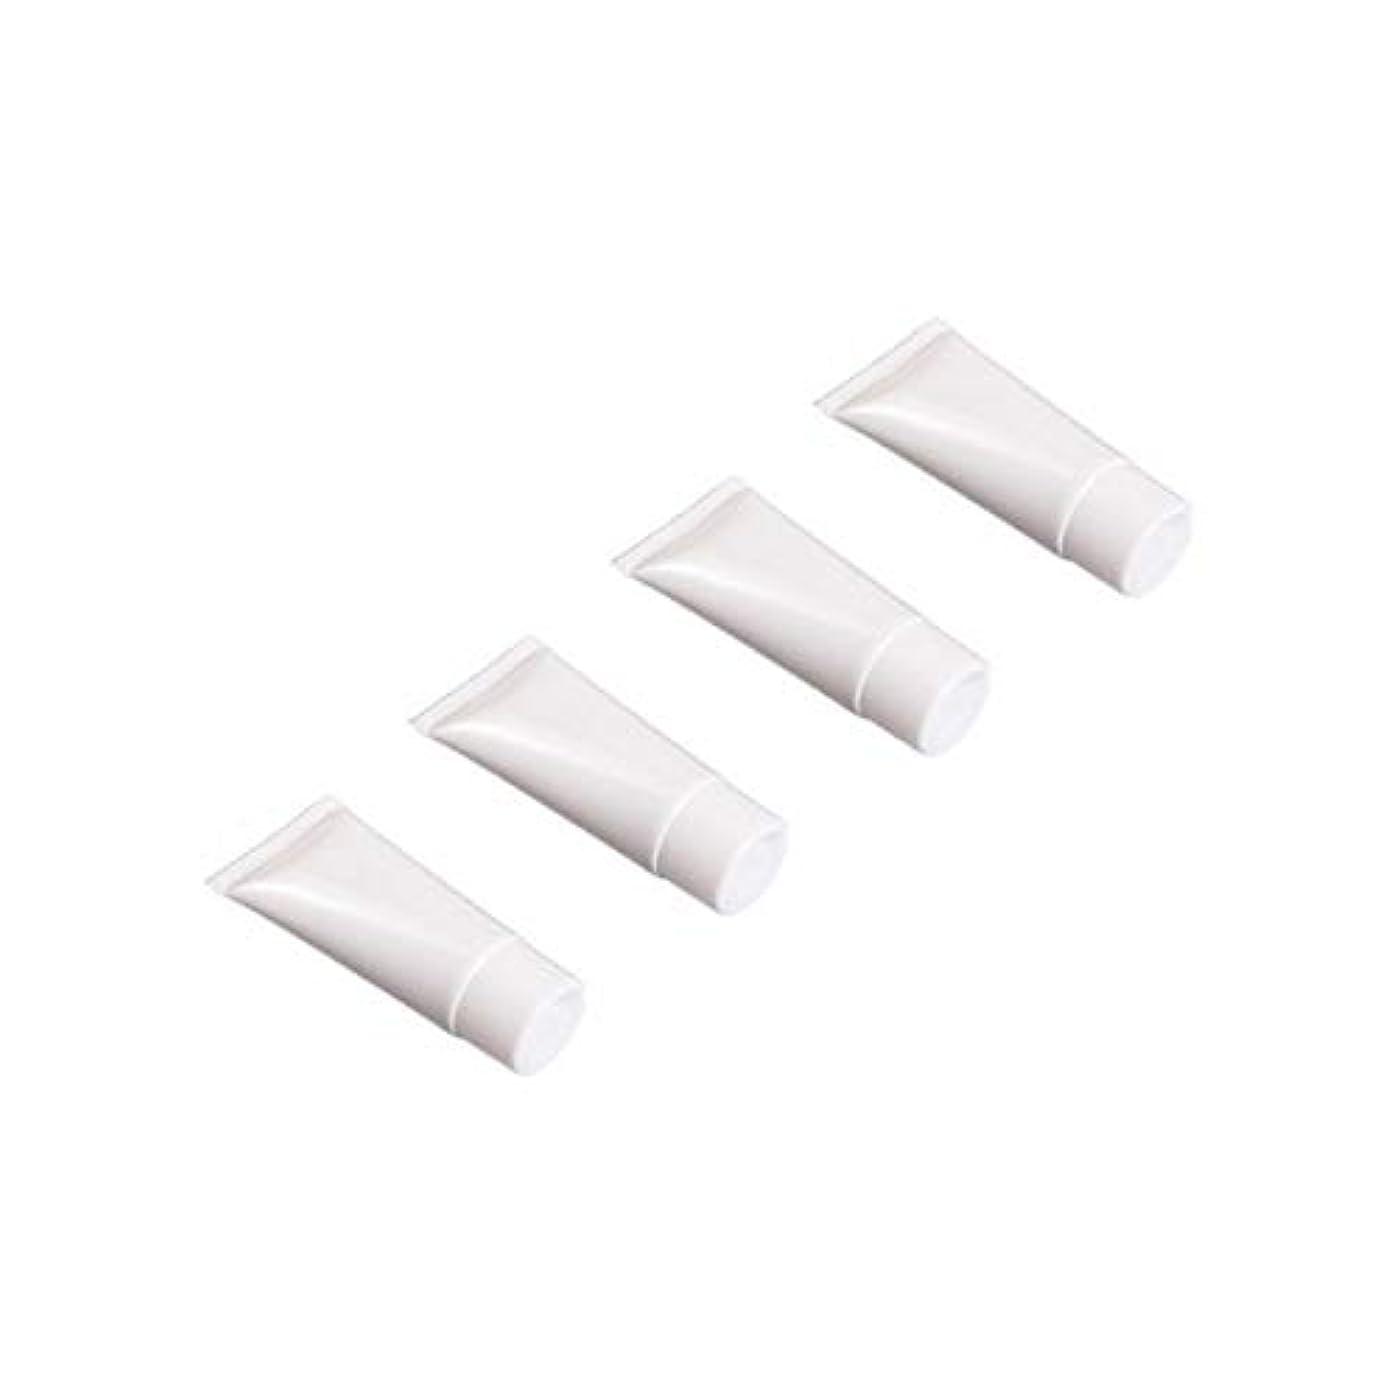 模倣液化するメンテナンスフリップキャップ付き空の詰め替え式の白いプラスチック製のチューブサンプルボトル - Numblartd 20個旅行用シャンプーボディハンドローションシャワージェルクレンザー用の空の絞りボトルローションボトル (30ML)